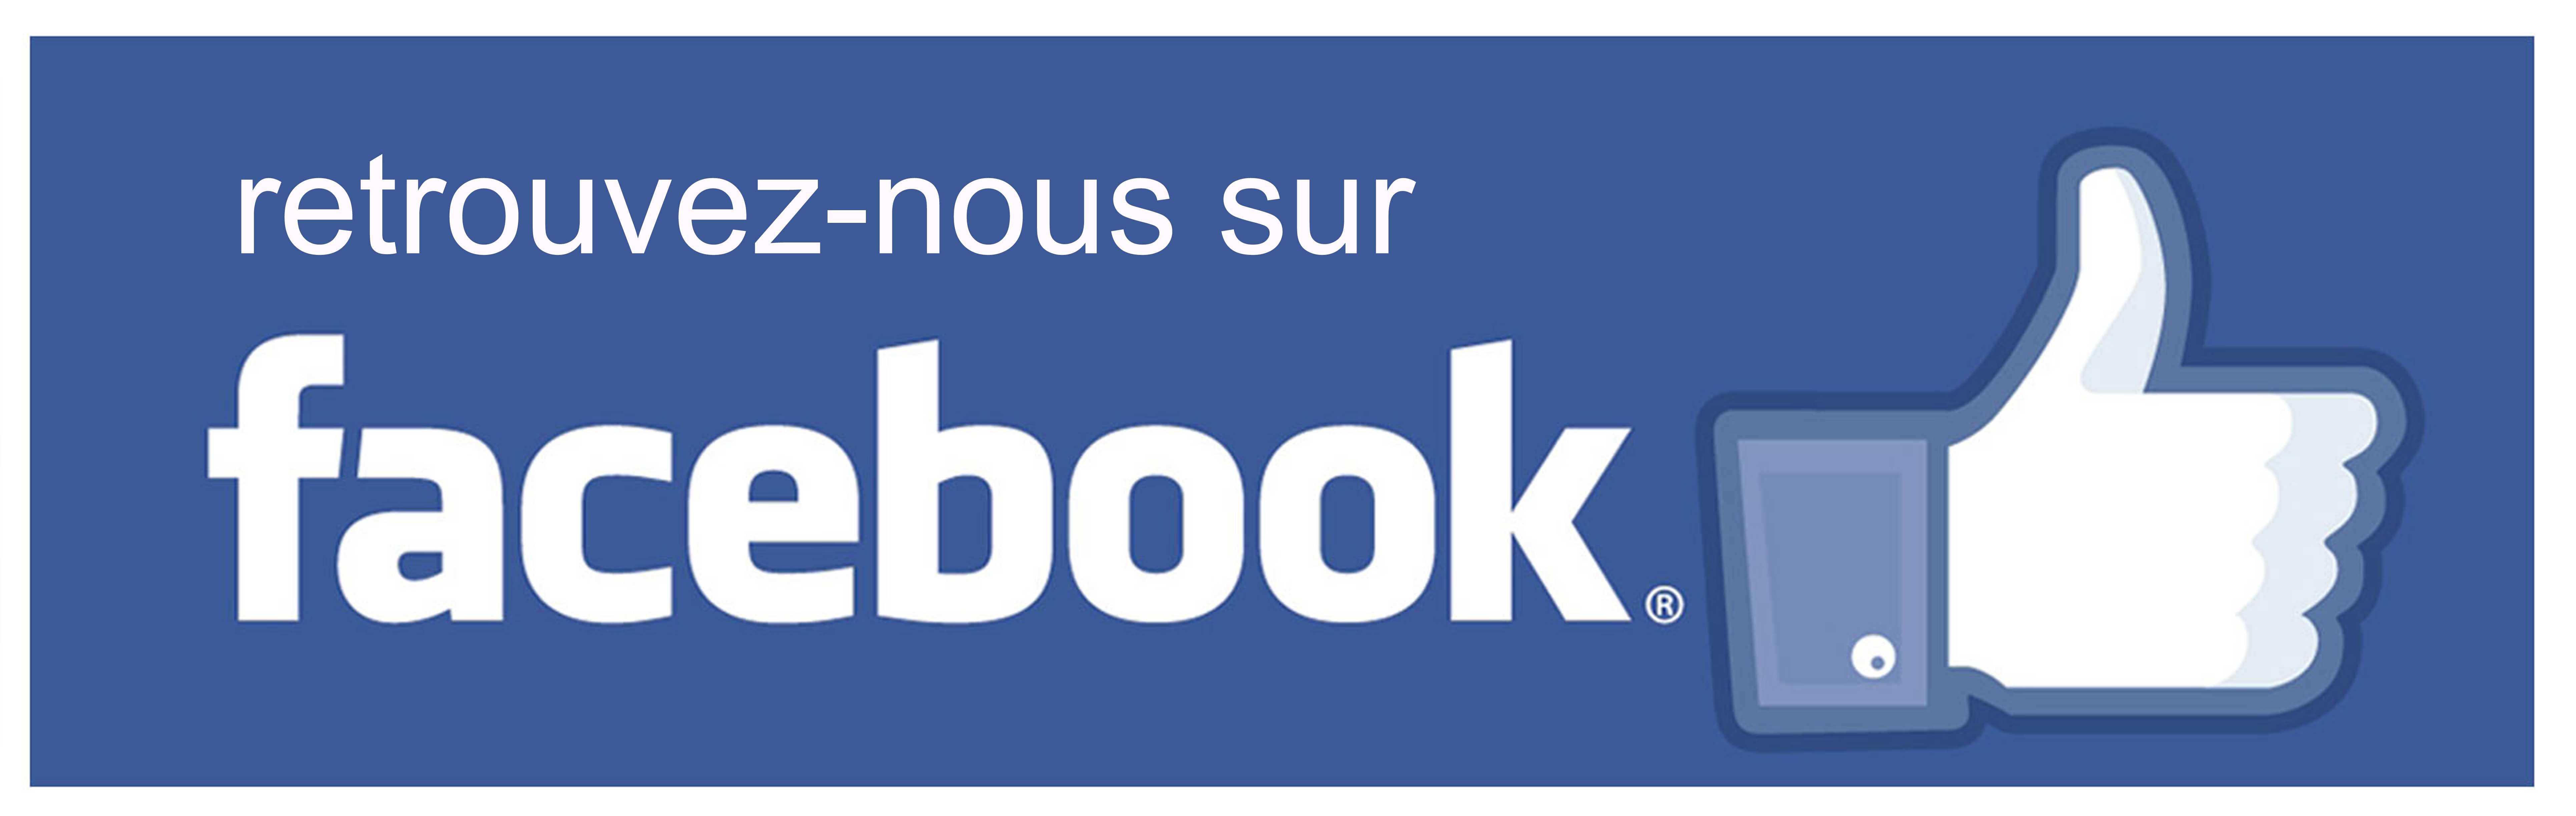 logo gratuit facebook